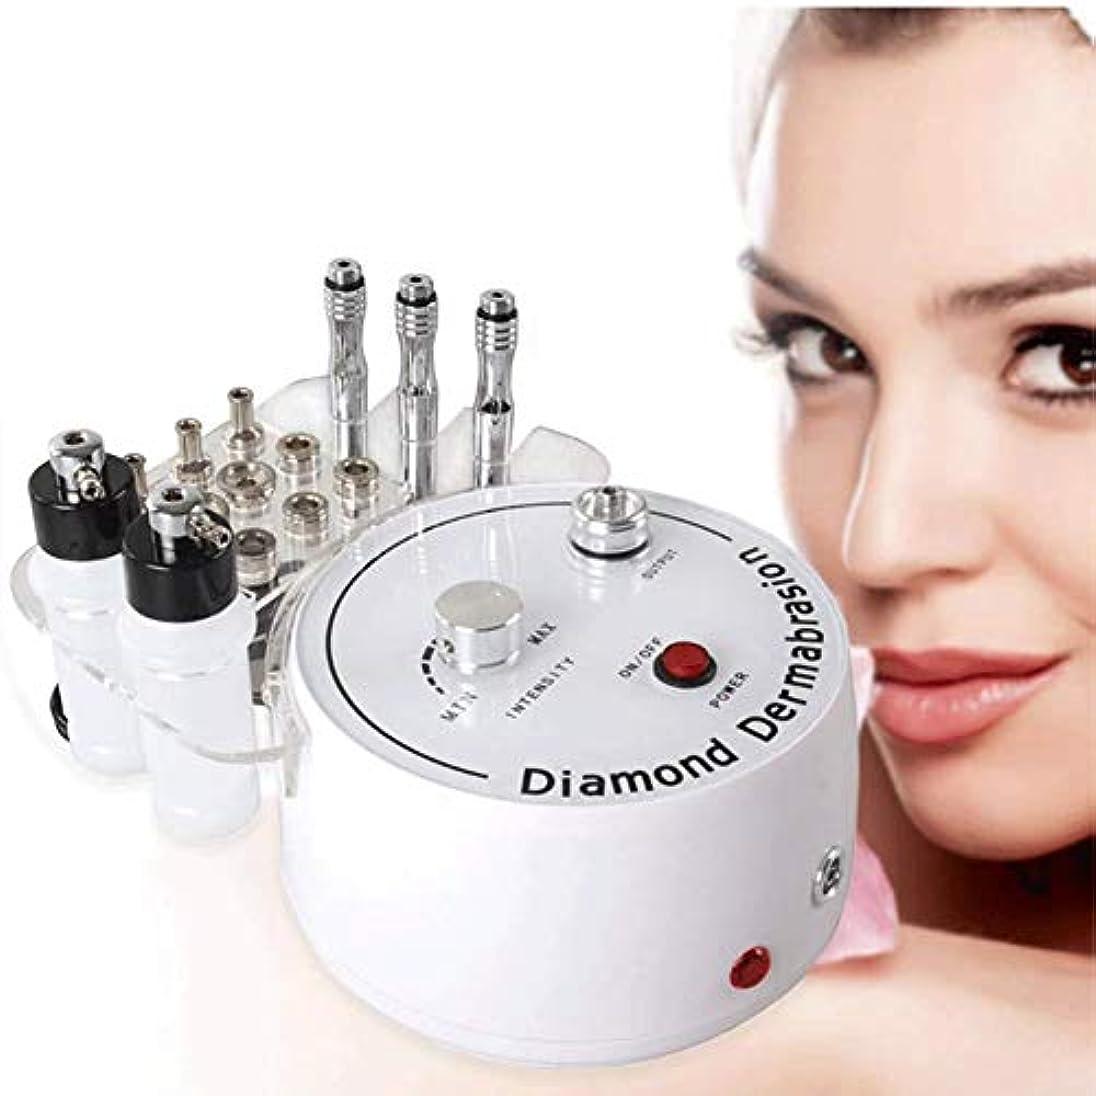 証言興奮年齢美容機、3 In1とダイヤモンドマイクロダーマ皮をむき機の水スプレー剥離皮膚剥離マシン除去リンクル